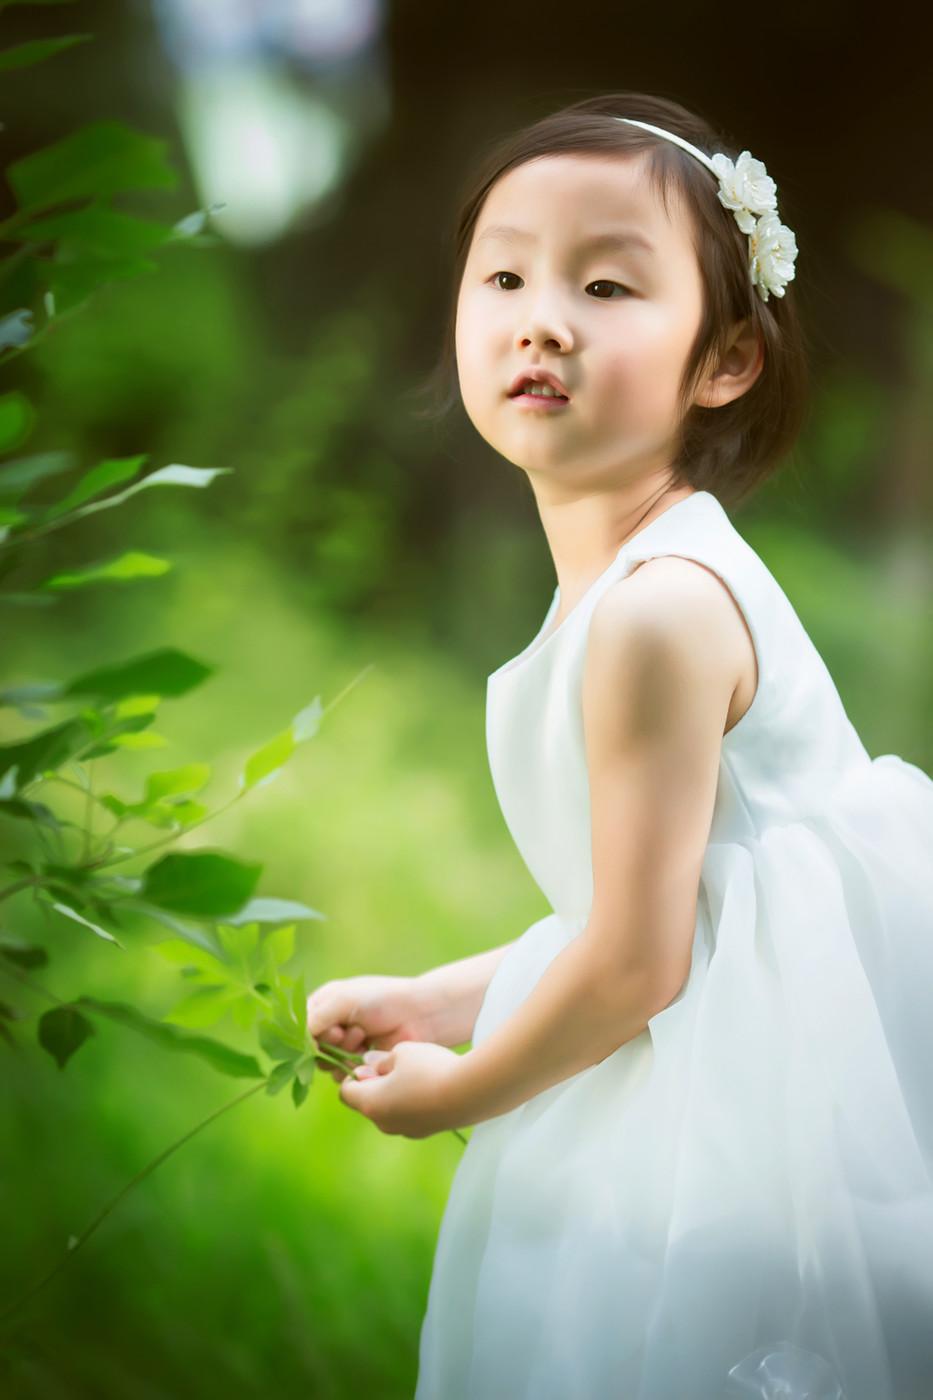 盛夏时节-带孩子们拍起来5